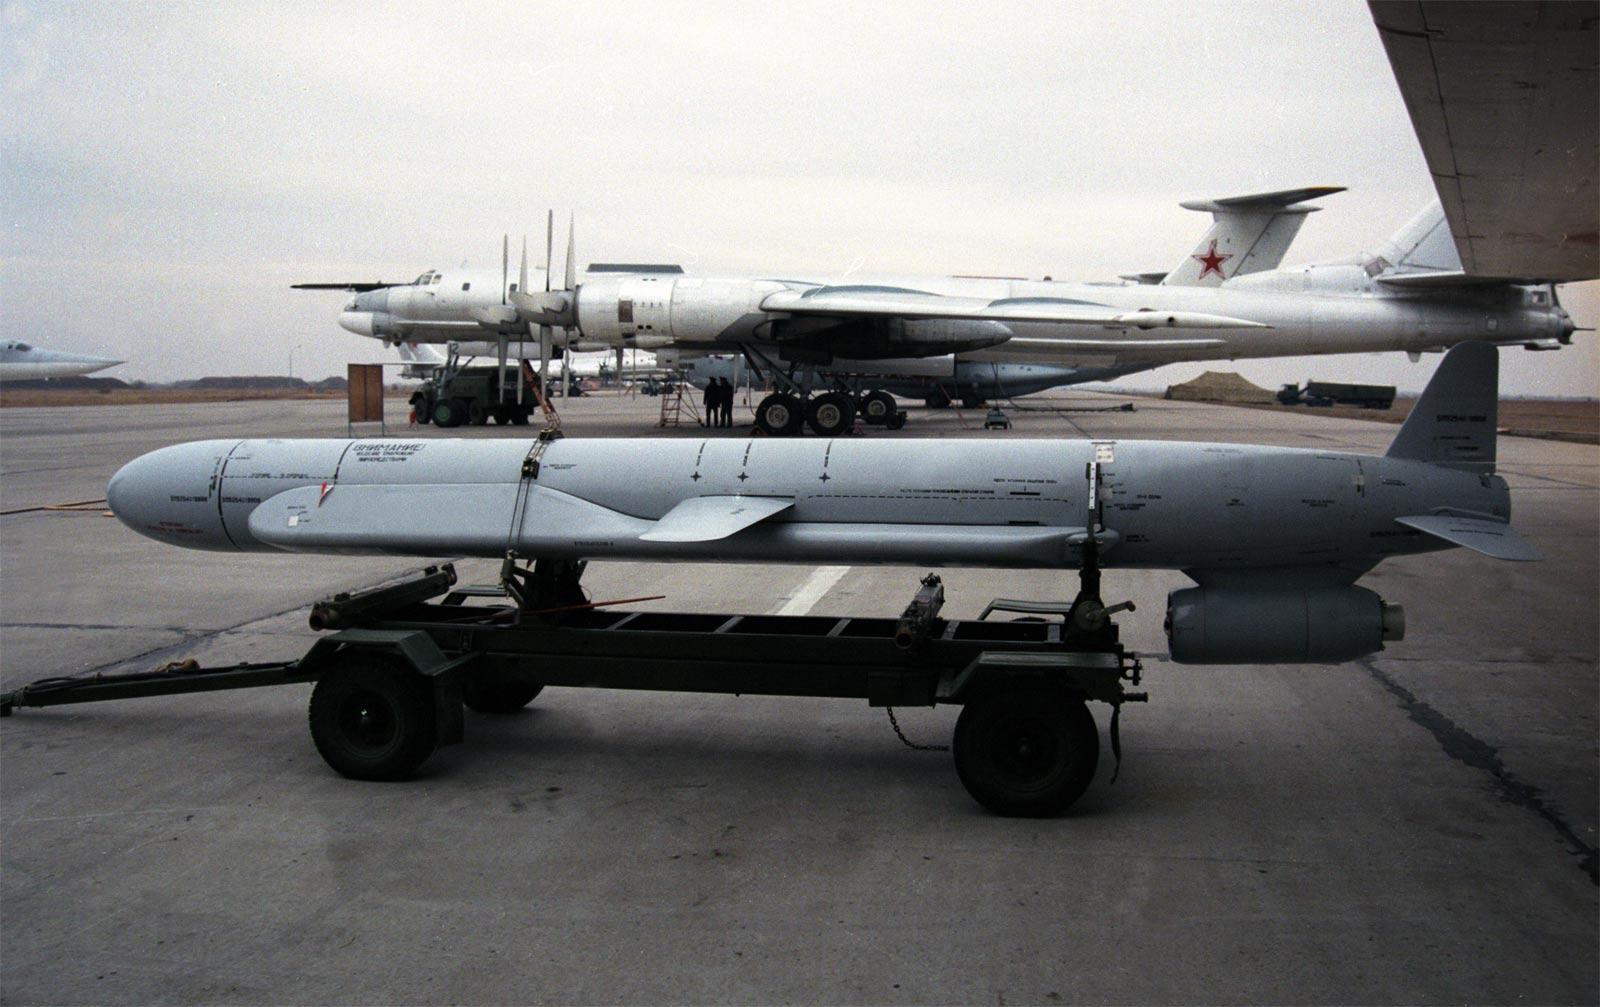 kh-55.jpg